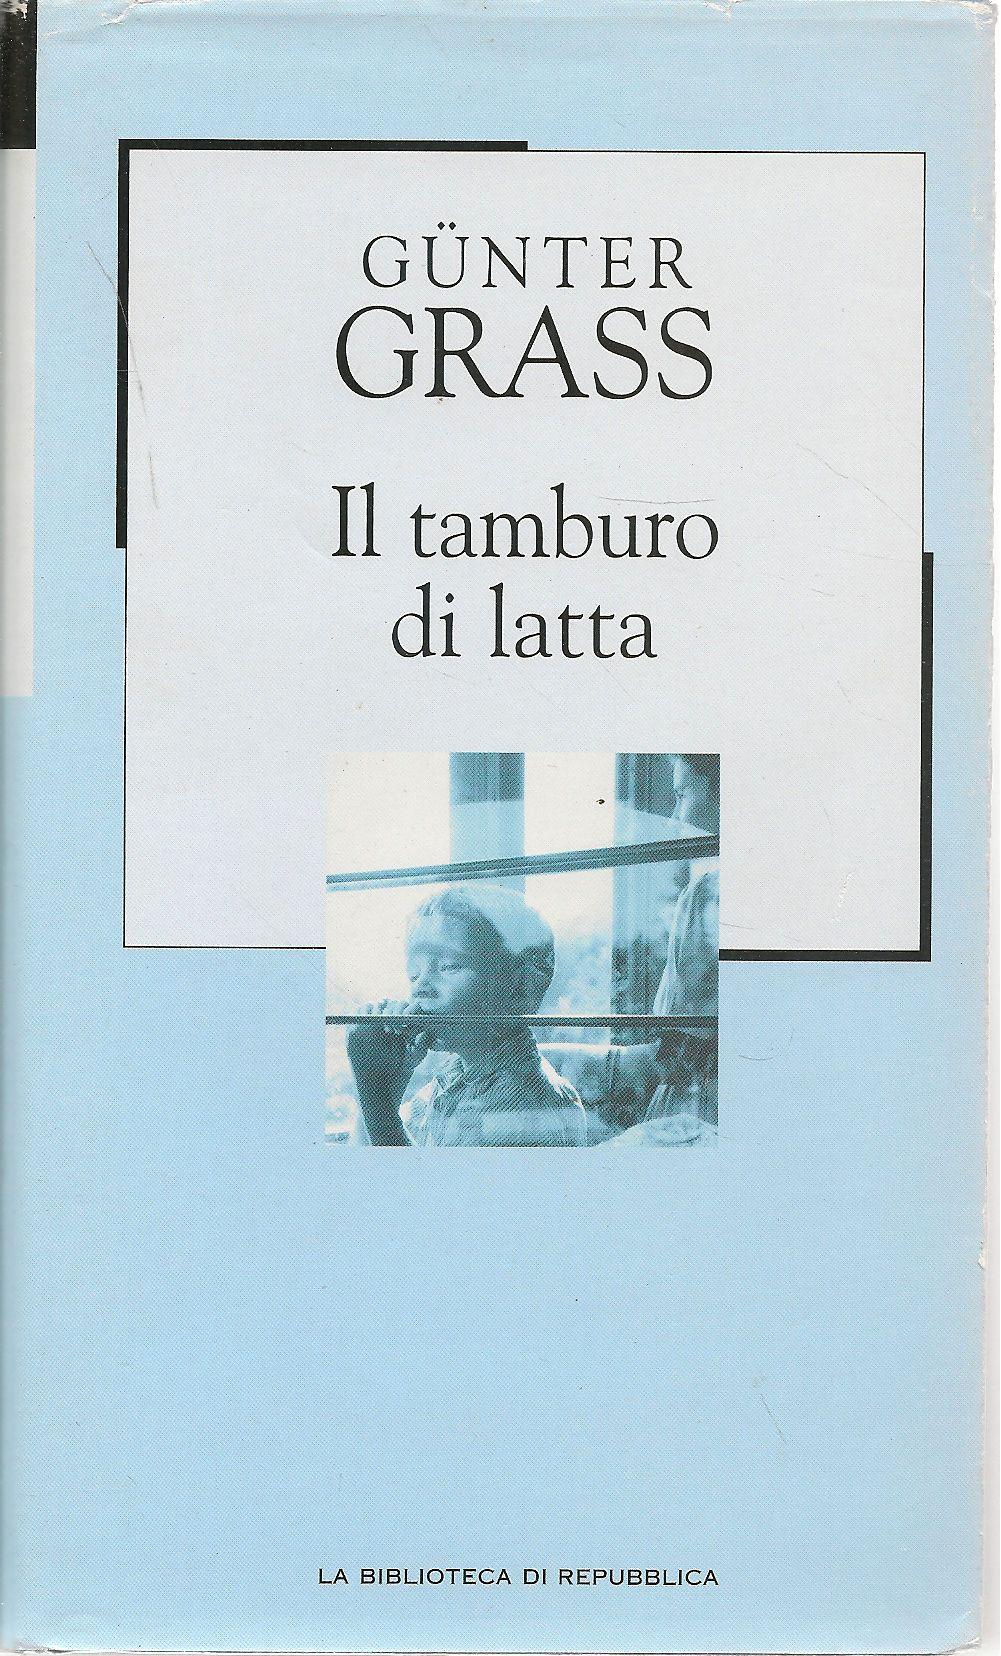 Il Tamburo Di Latta.Il Tamburo Di Latta Gunter Grass La Biblioteca Di Repubblica